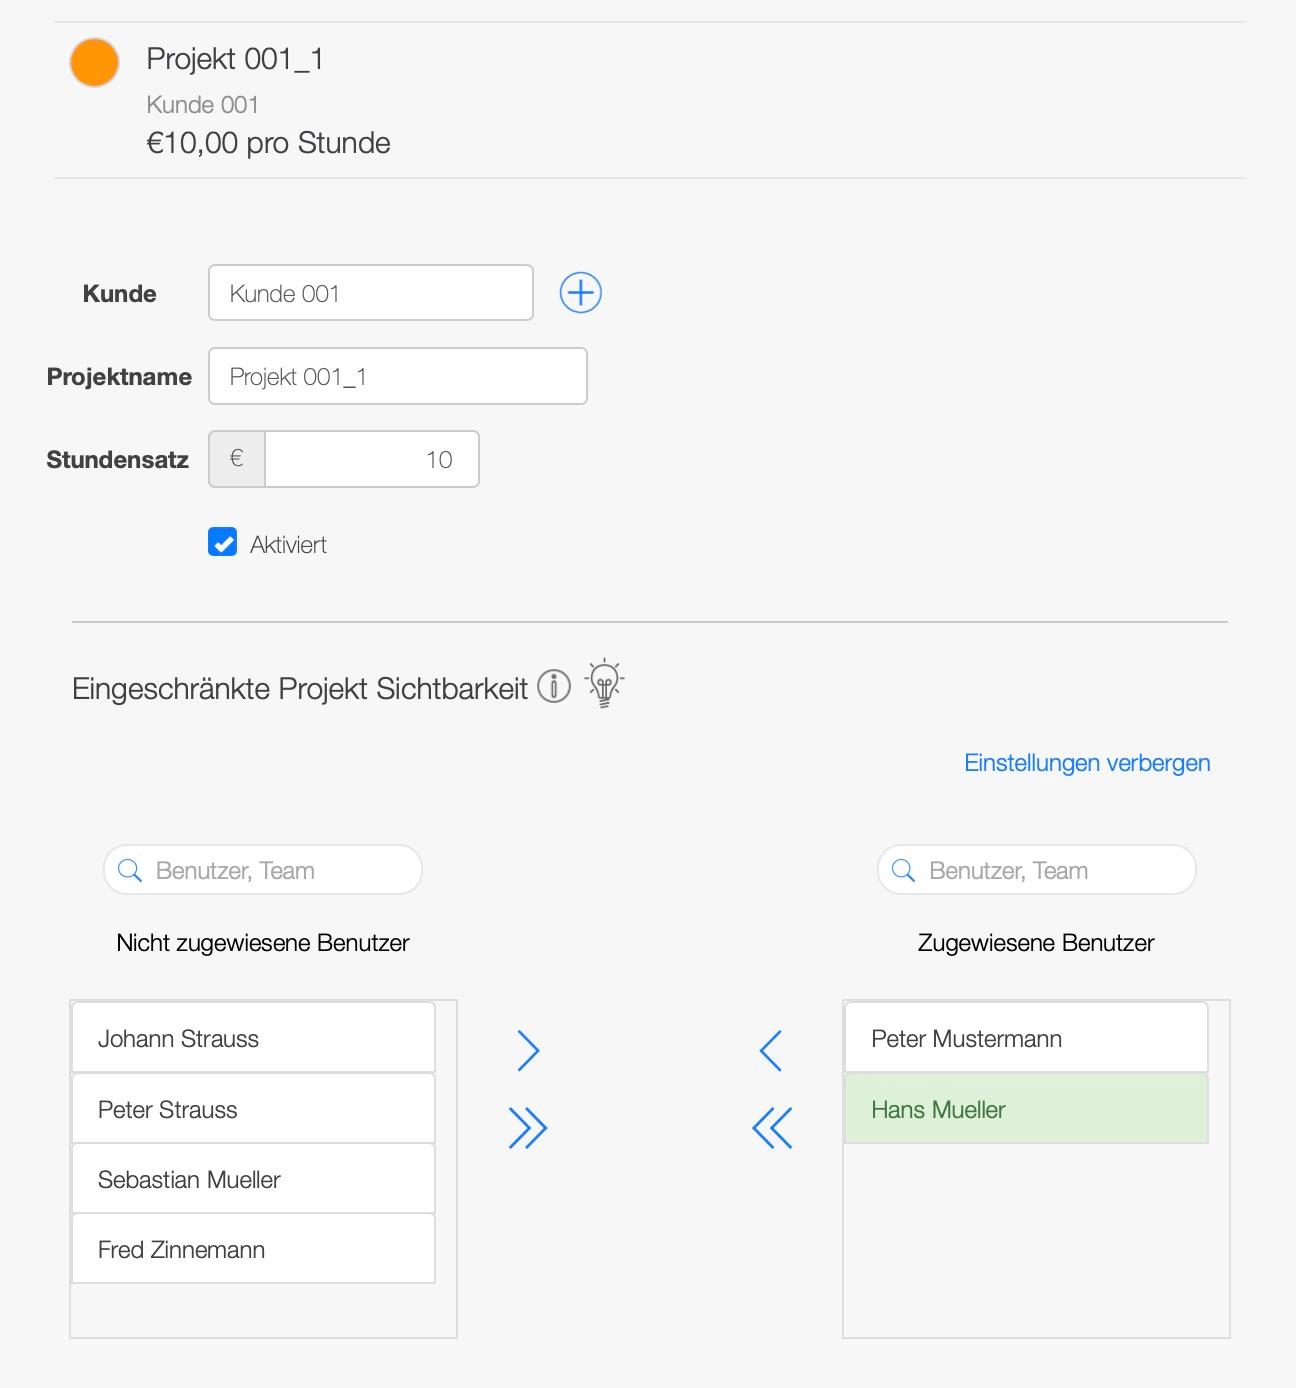 Projektmanagement Software - Benutzerberechtigungen für Projekte